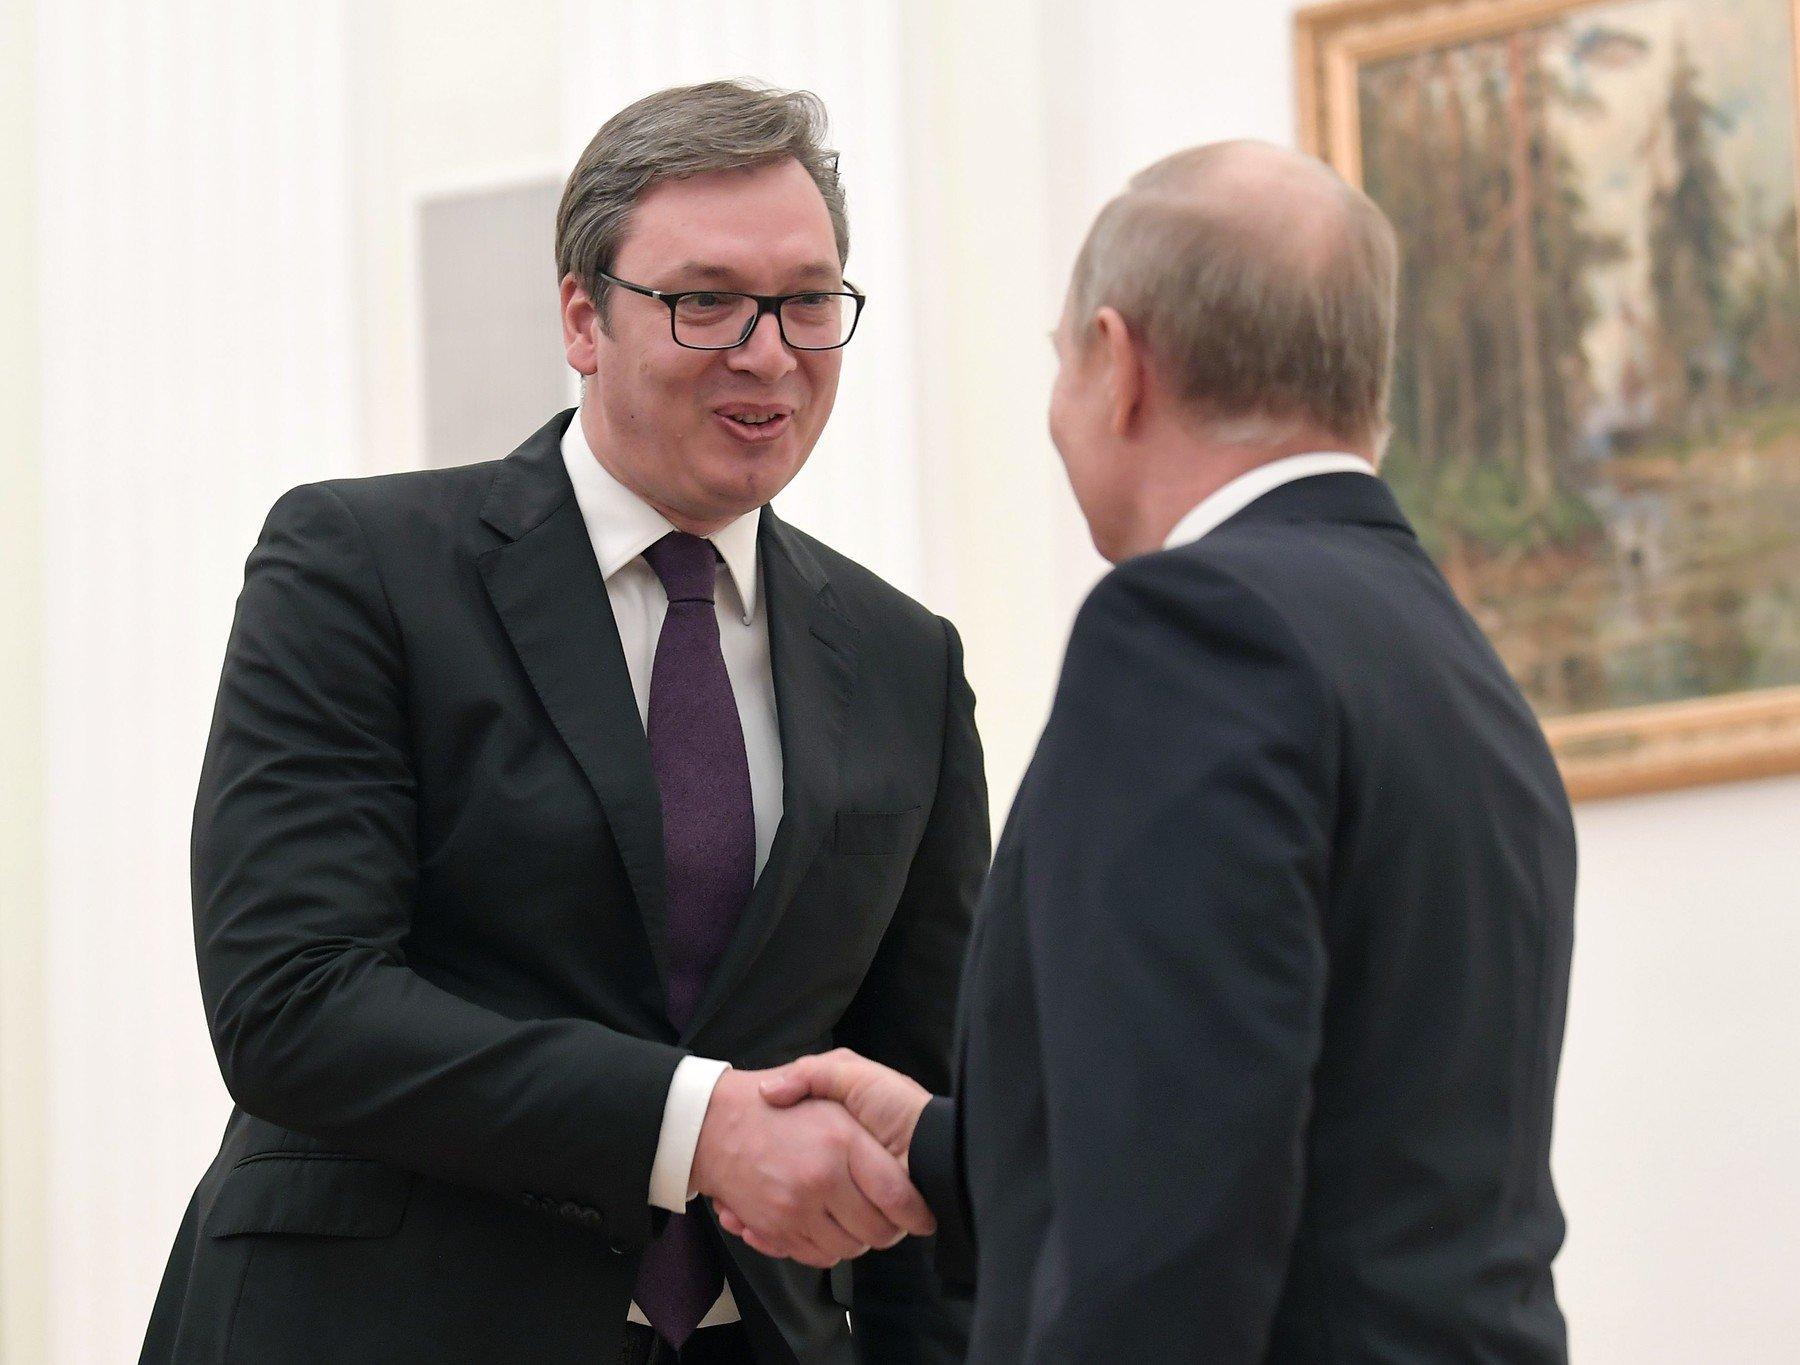 Srbijanski predsjednik Aleksandar Vučić i ruski predsjednik Vladimir Putin